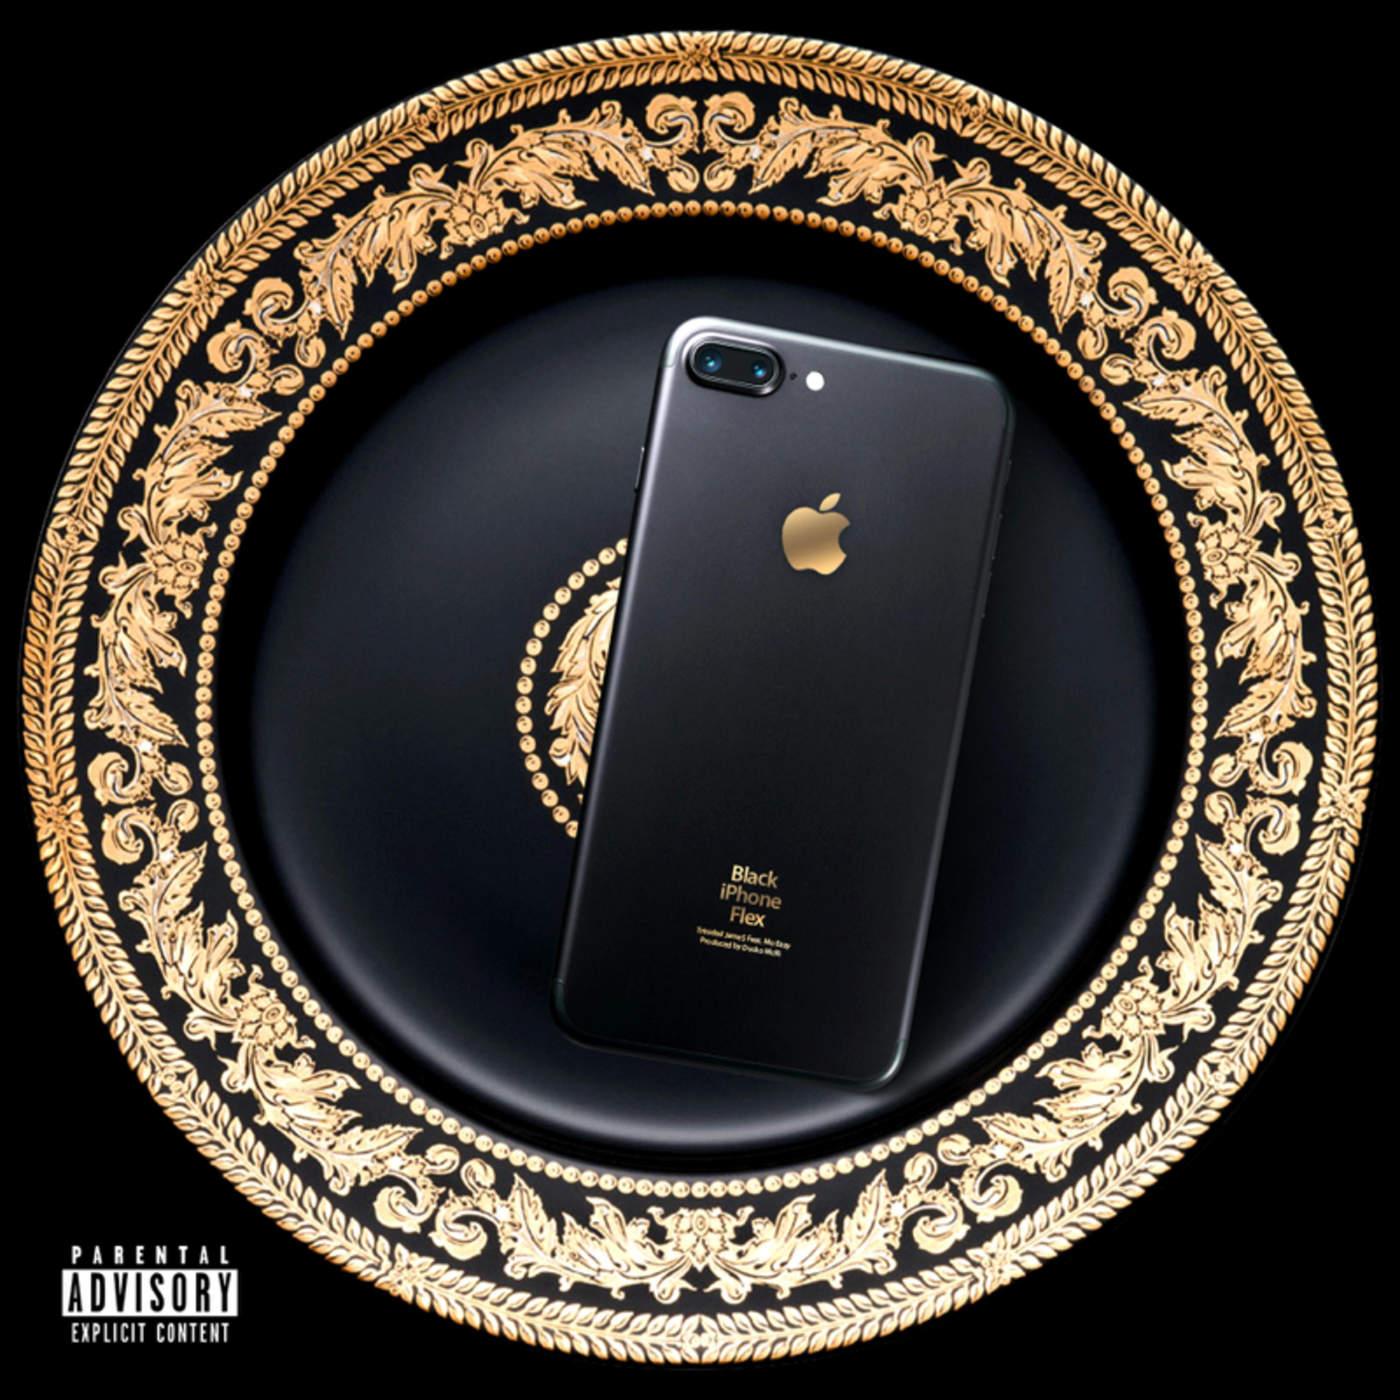 Trinidad James - Black iPhone Flex (feat. MoEazy) - Single Cover